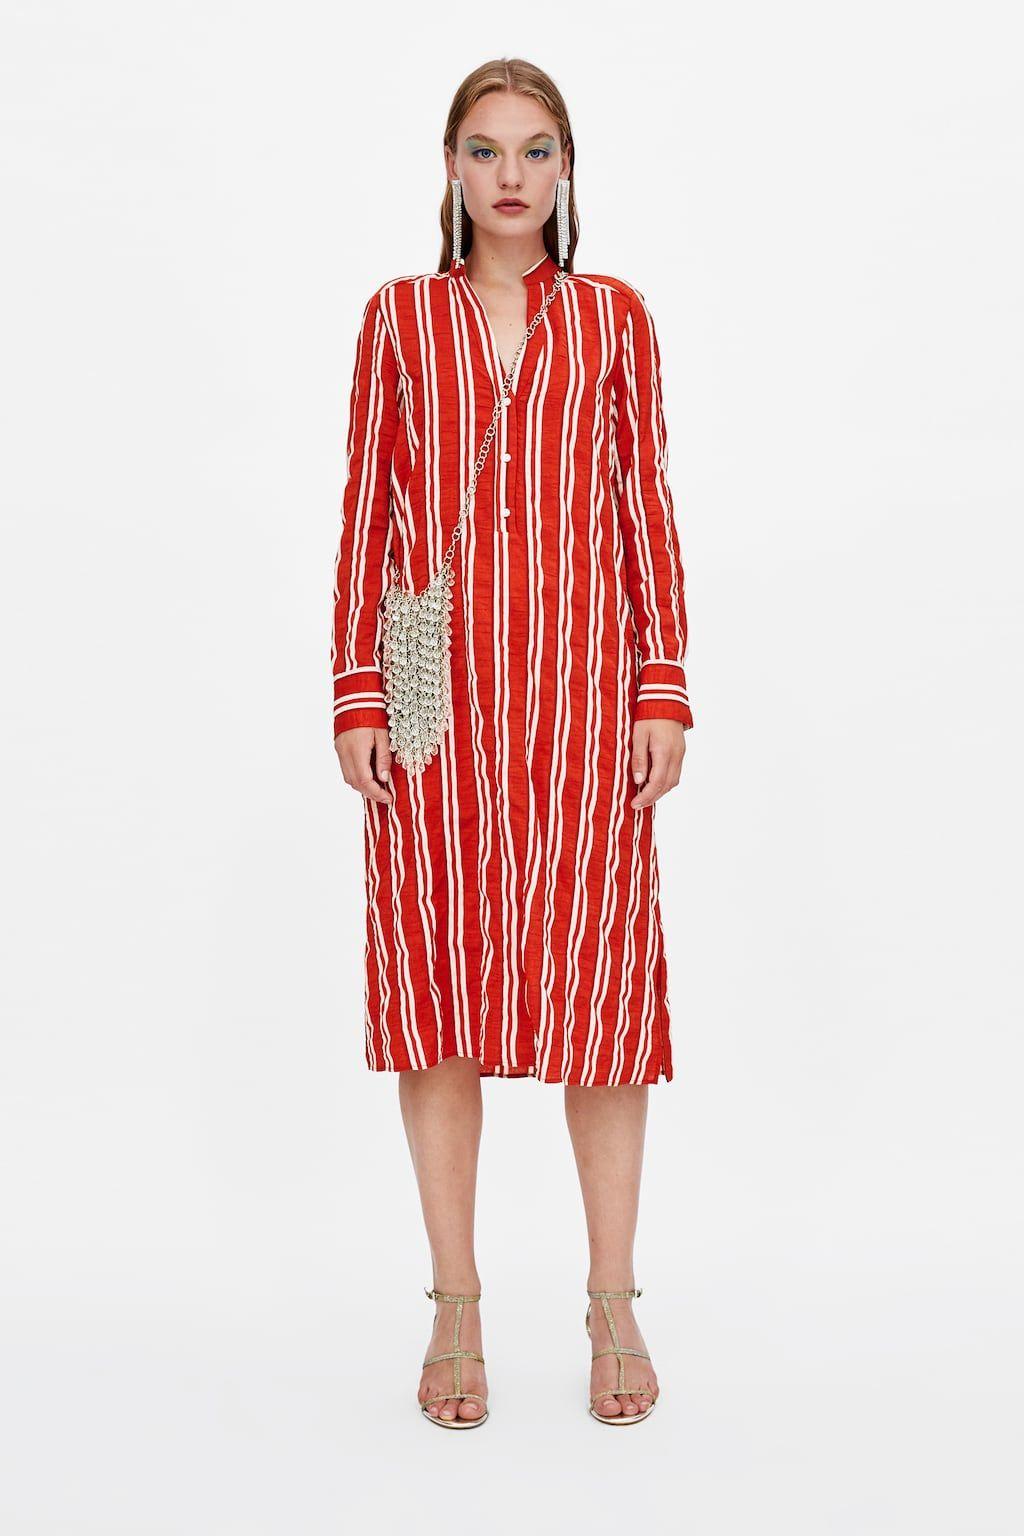 8abb01c579 Striped dress   Fall/Winter 18'   Dresses, Striped shirt dress ...